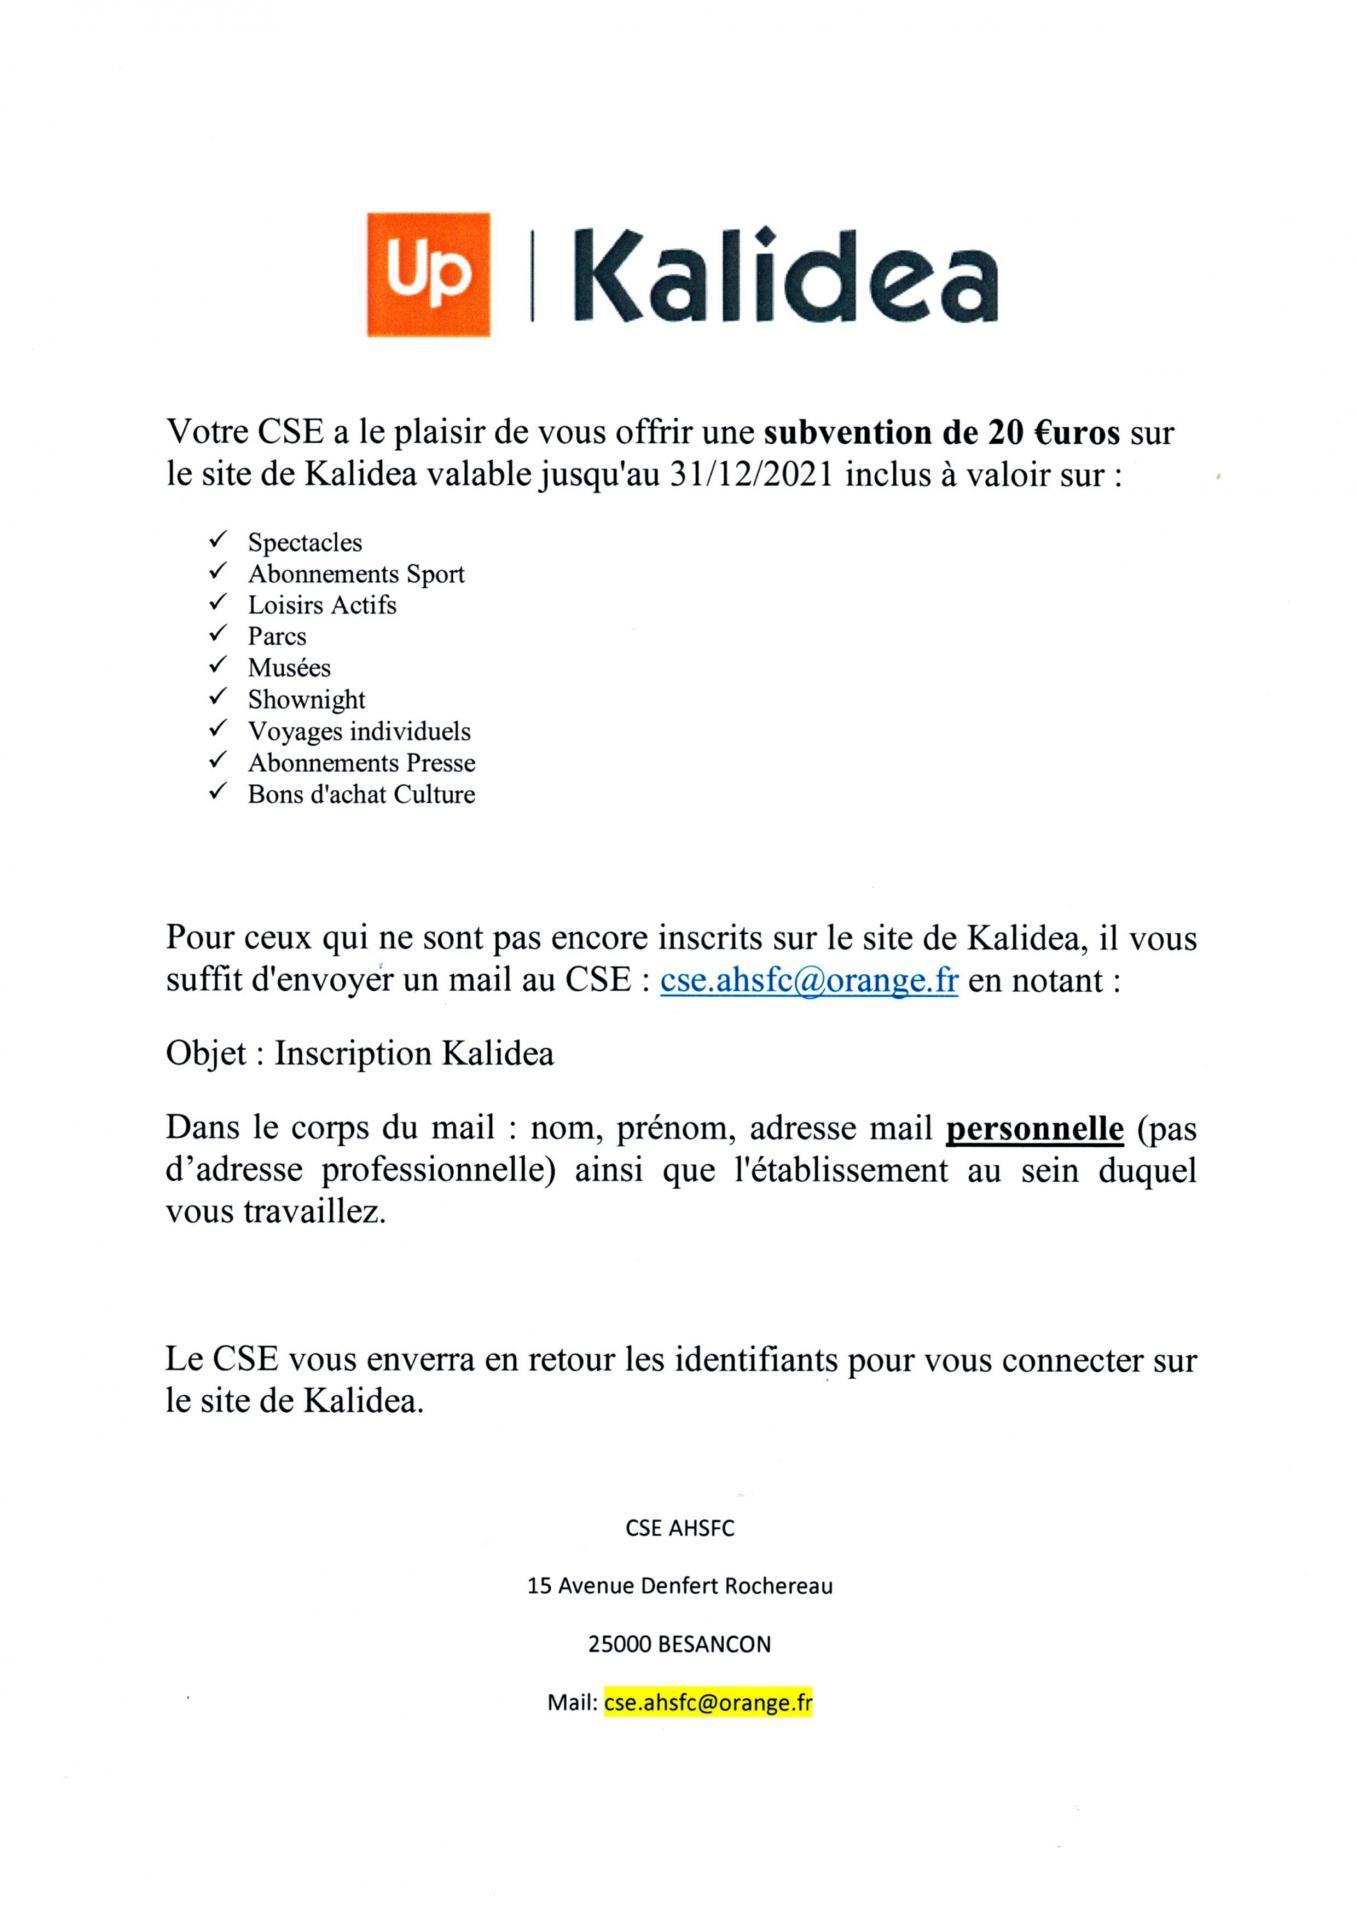 Kalidea subvention 2021 de 20 1